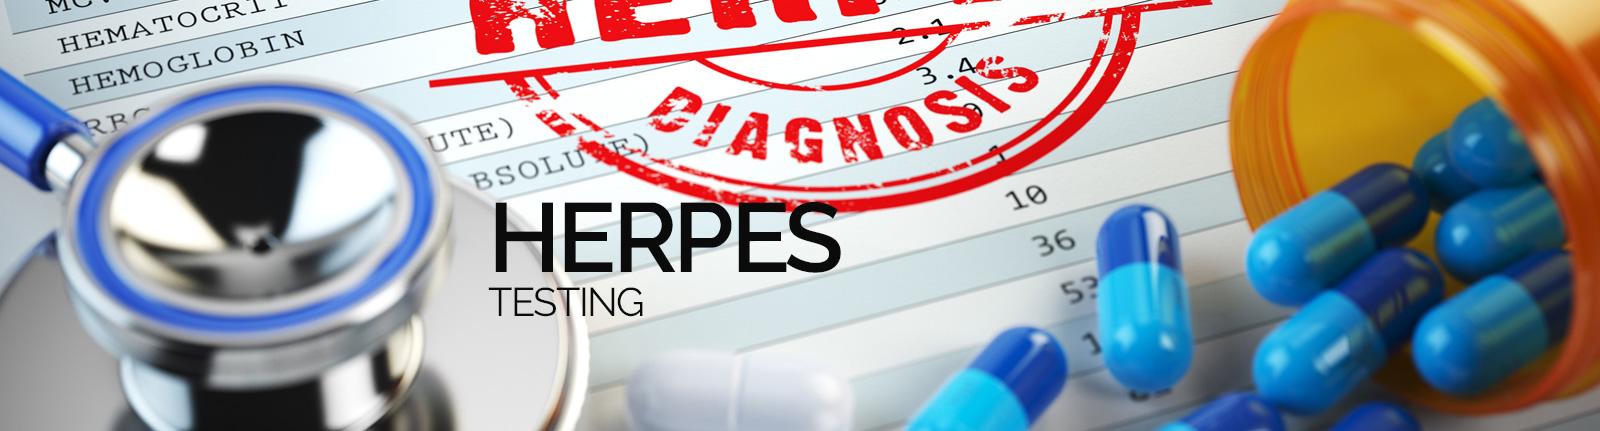 Herpes Testing London